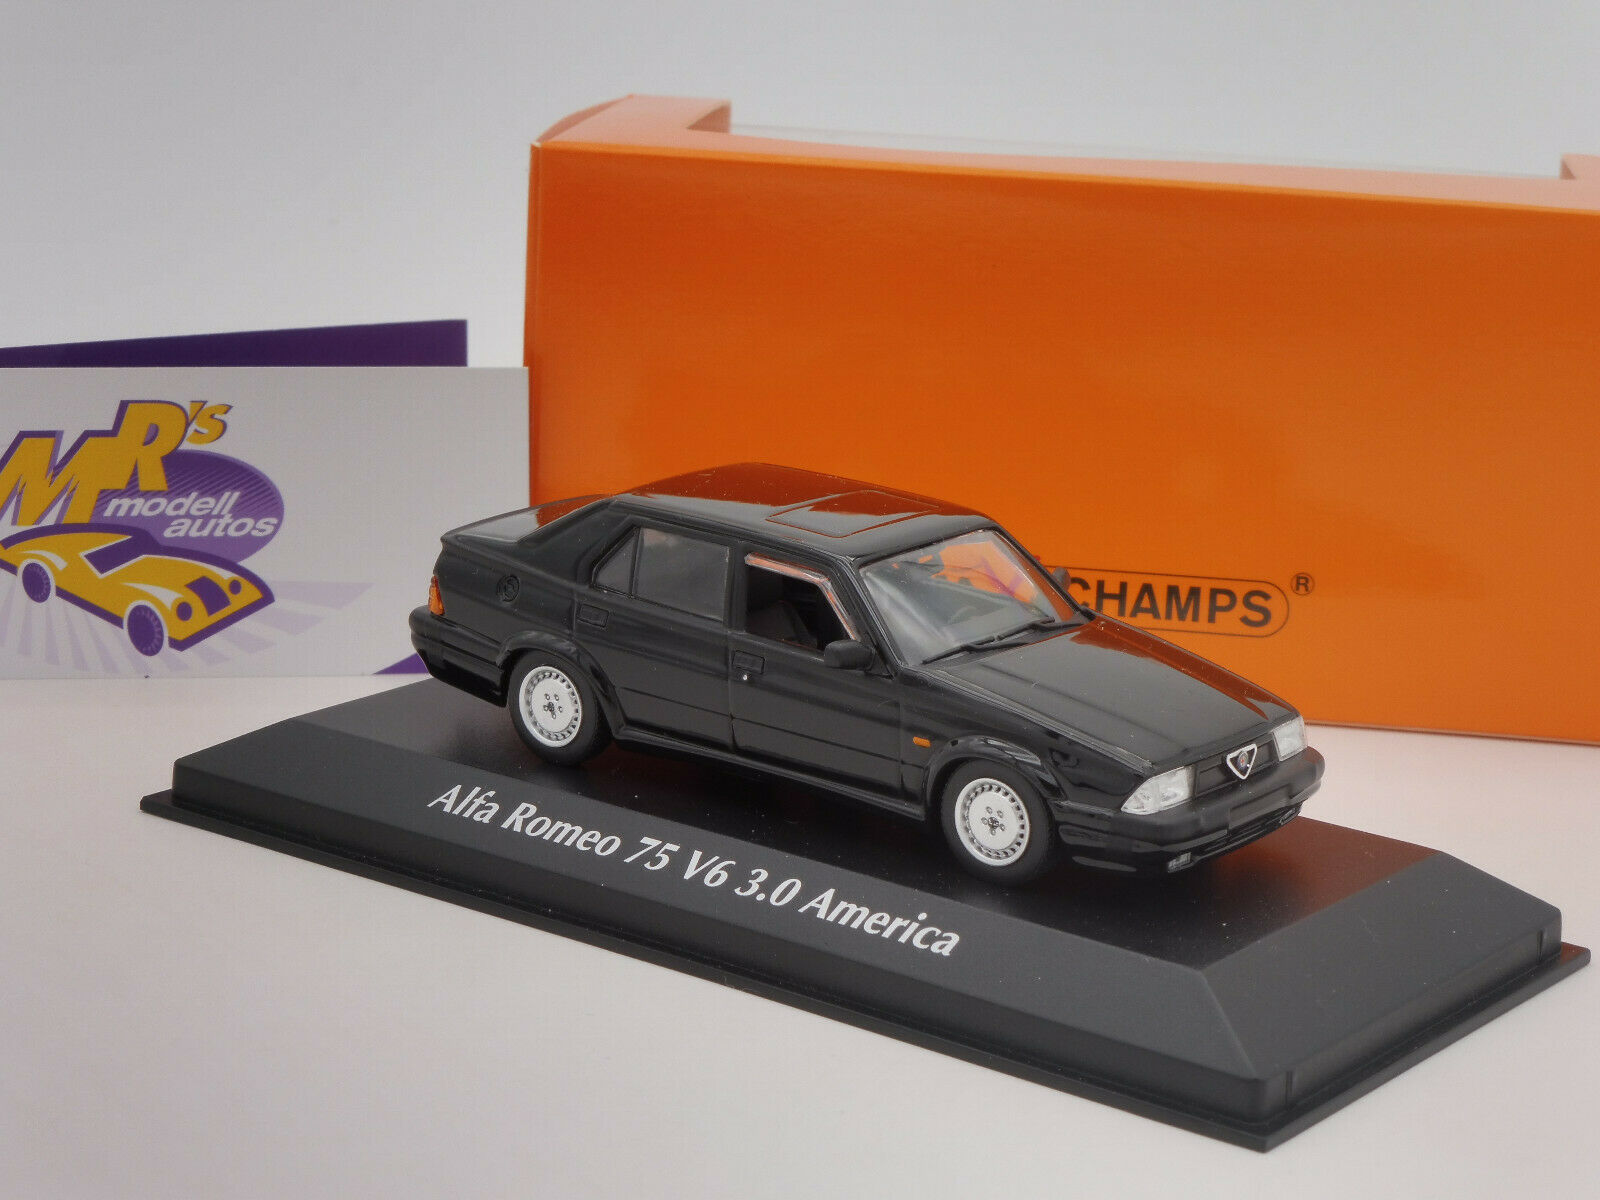 Maxichamps 940120460 Alfa Romeo 75 V6 3.0 America Bj. 1987 in   black   1 43